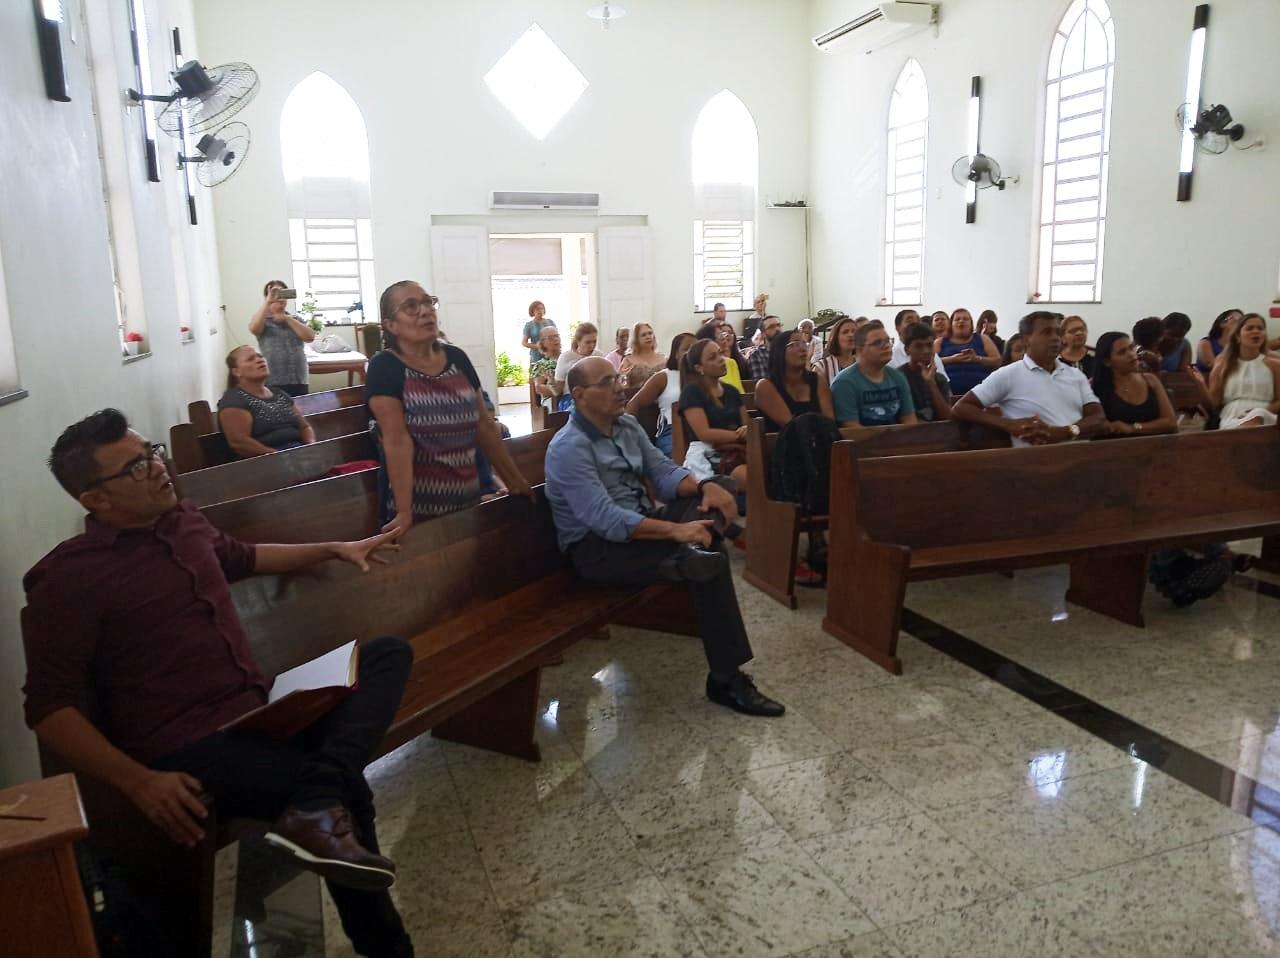 Inicio do culto com imagem dos bancos sendo ocupados na igreja